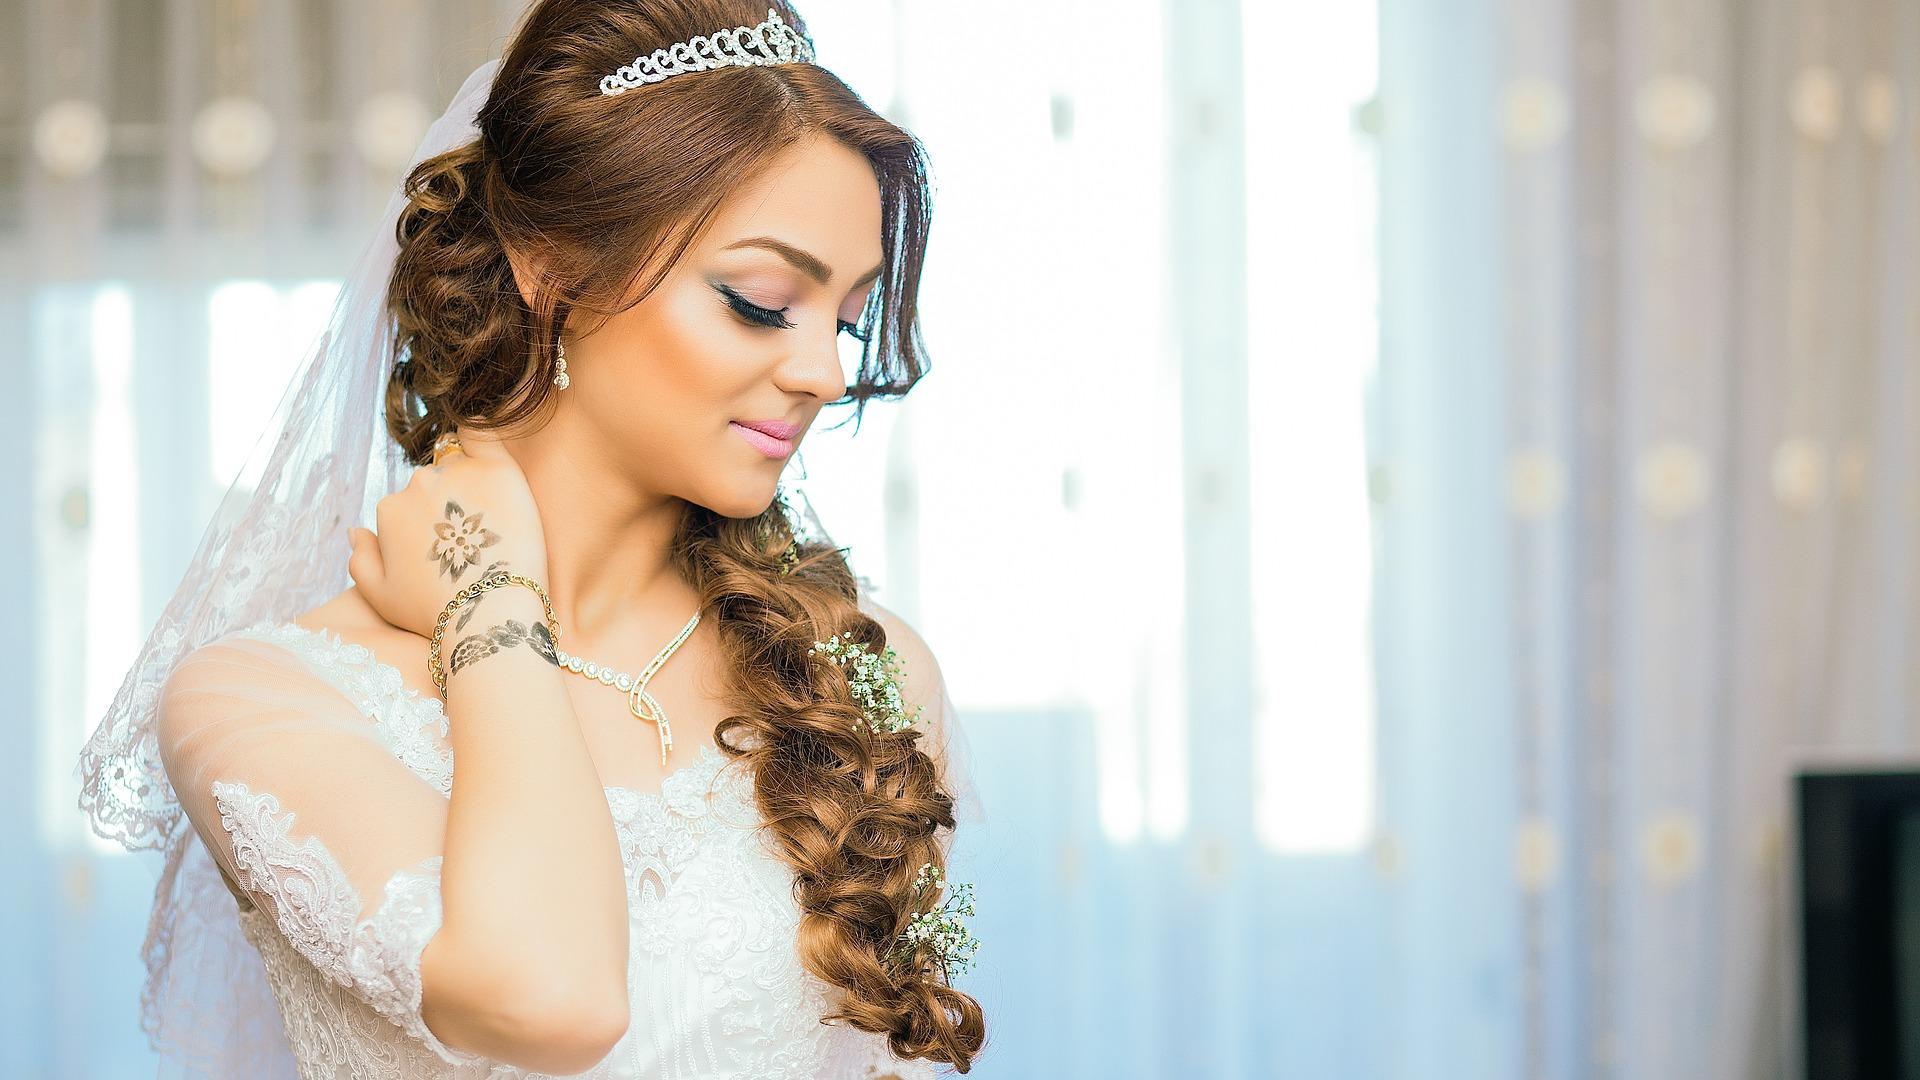 結婚したい人が結婚するためには何をするべき?行動すべきこと8つ